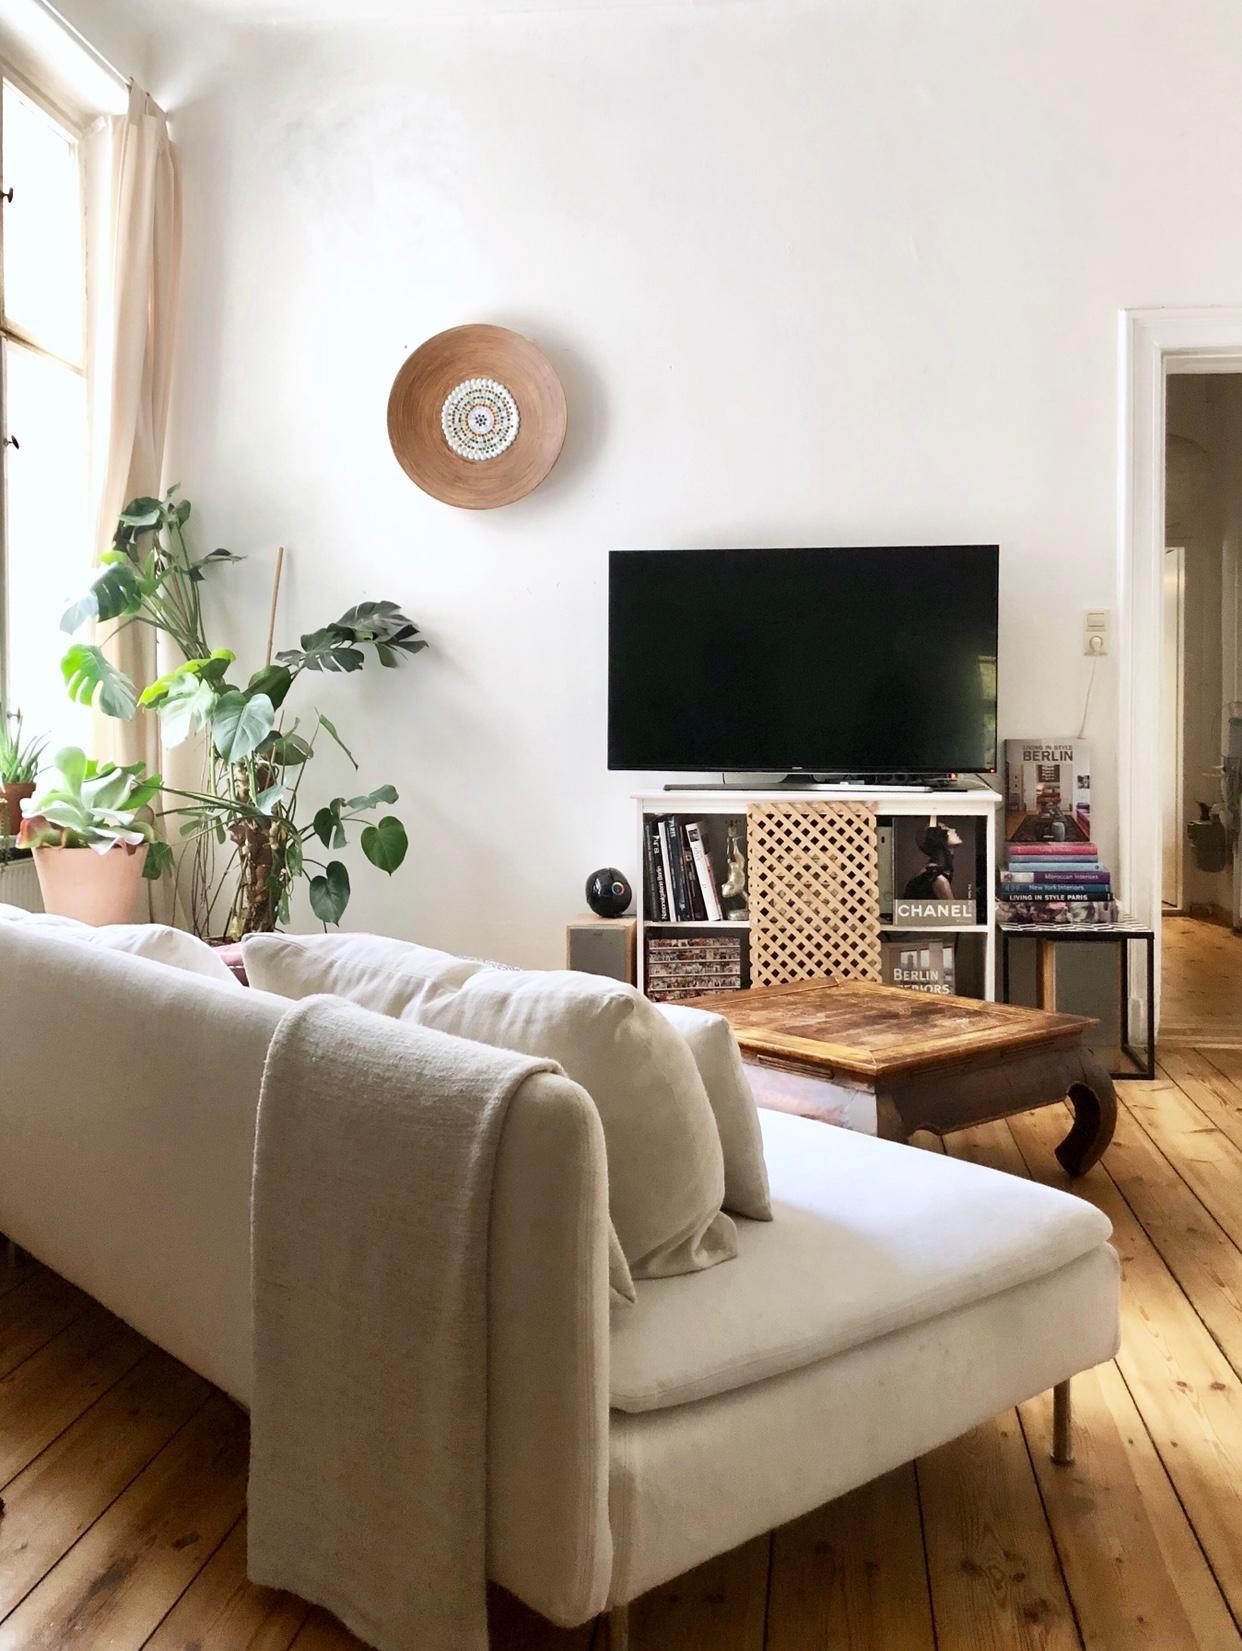 Altbau Boho Berlin Wohnzimmer Dielen Sofa Urb